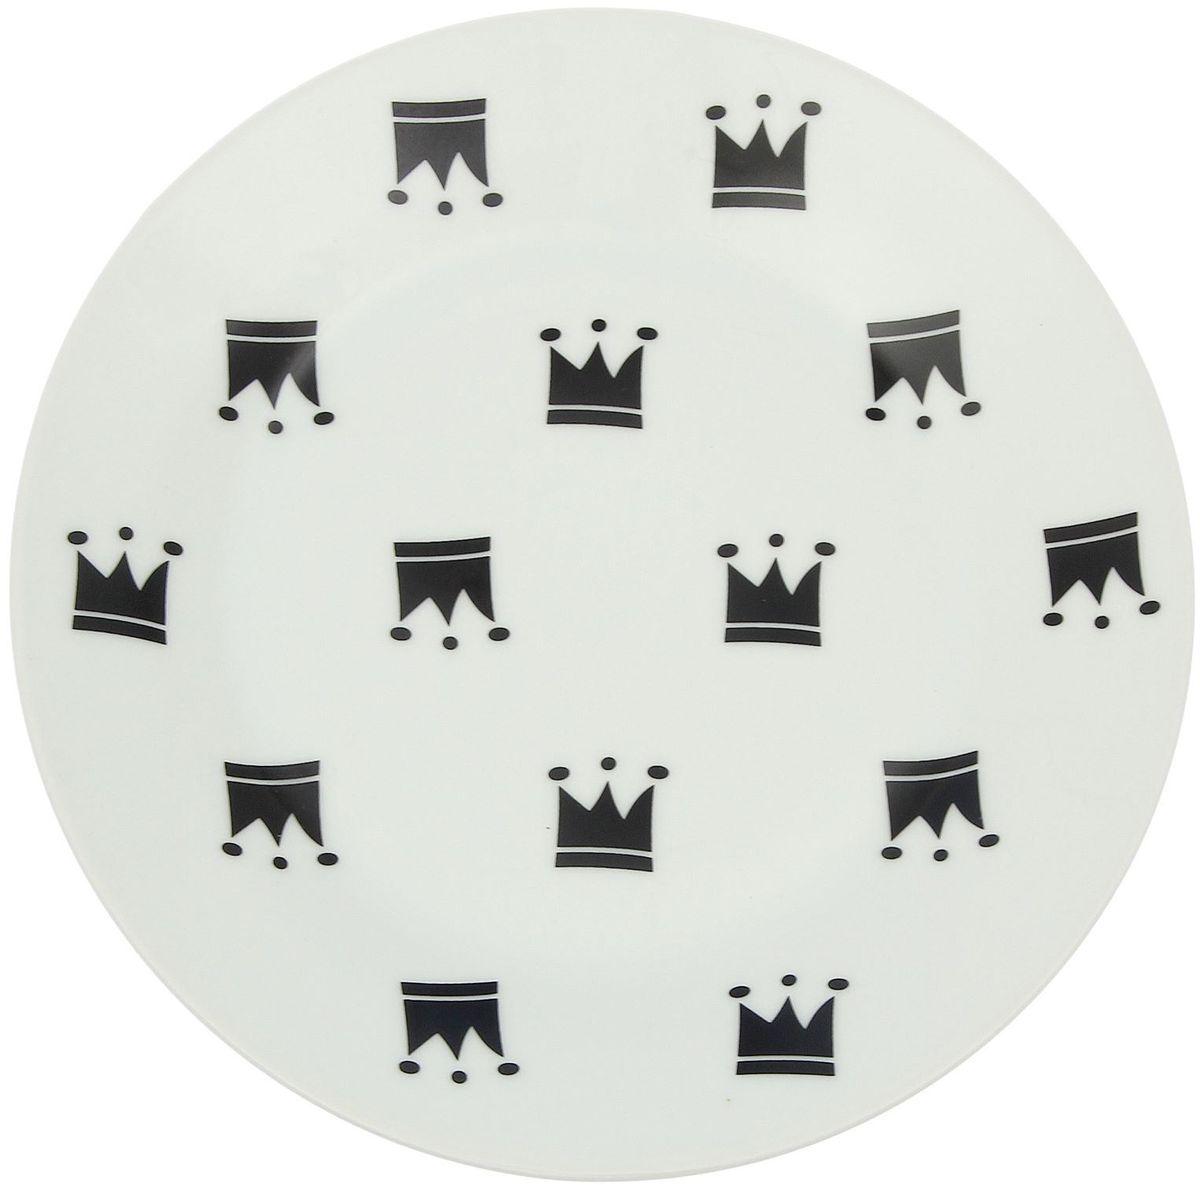 Тарелка мелкая Сотвори чудо My Little Crown, диаметр 20 см1971989Хотите обновить интерьер кухни или гостиной? Устраиваете необычную фотосессию или тематический праздник? А может, просто ищете подарок для близкого человека? Посуда Сотвори Чудо — правильный выбор в любой ситуации. Тарелка Сотвори Чудо, изготовленная из изящного фаянса нежного сливочного цвета, оформлена оригинальным рисунком со стойкой краской. Пригодна для посудомоечной машины.